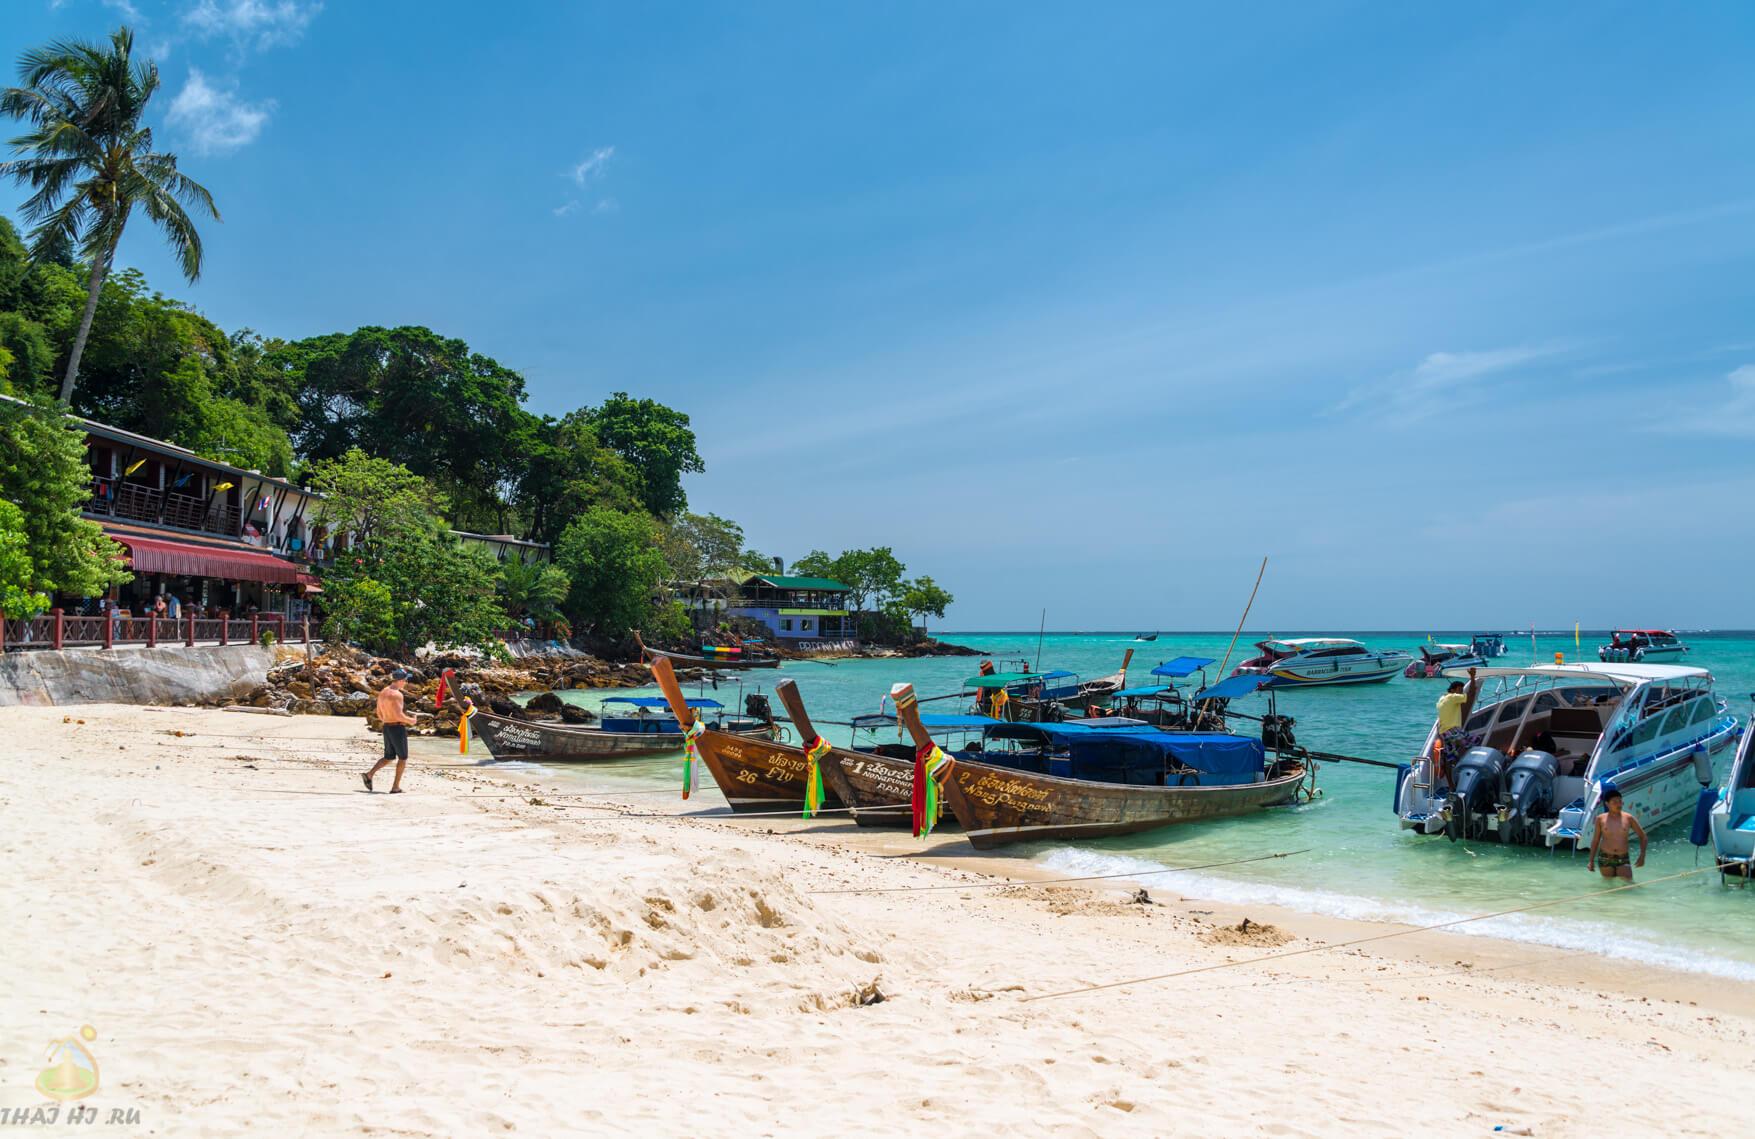 Остров Пхи Пхи - фото на берегу